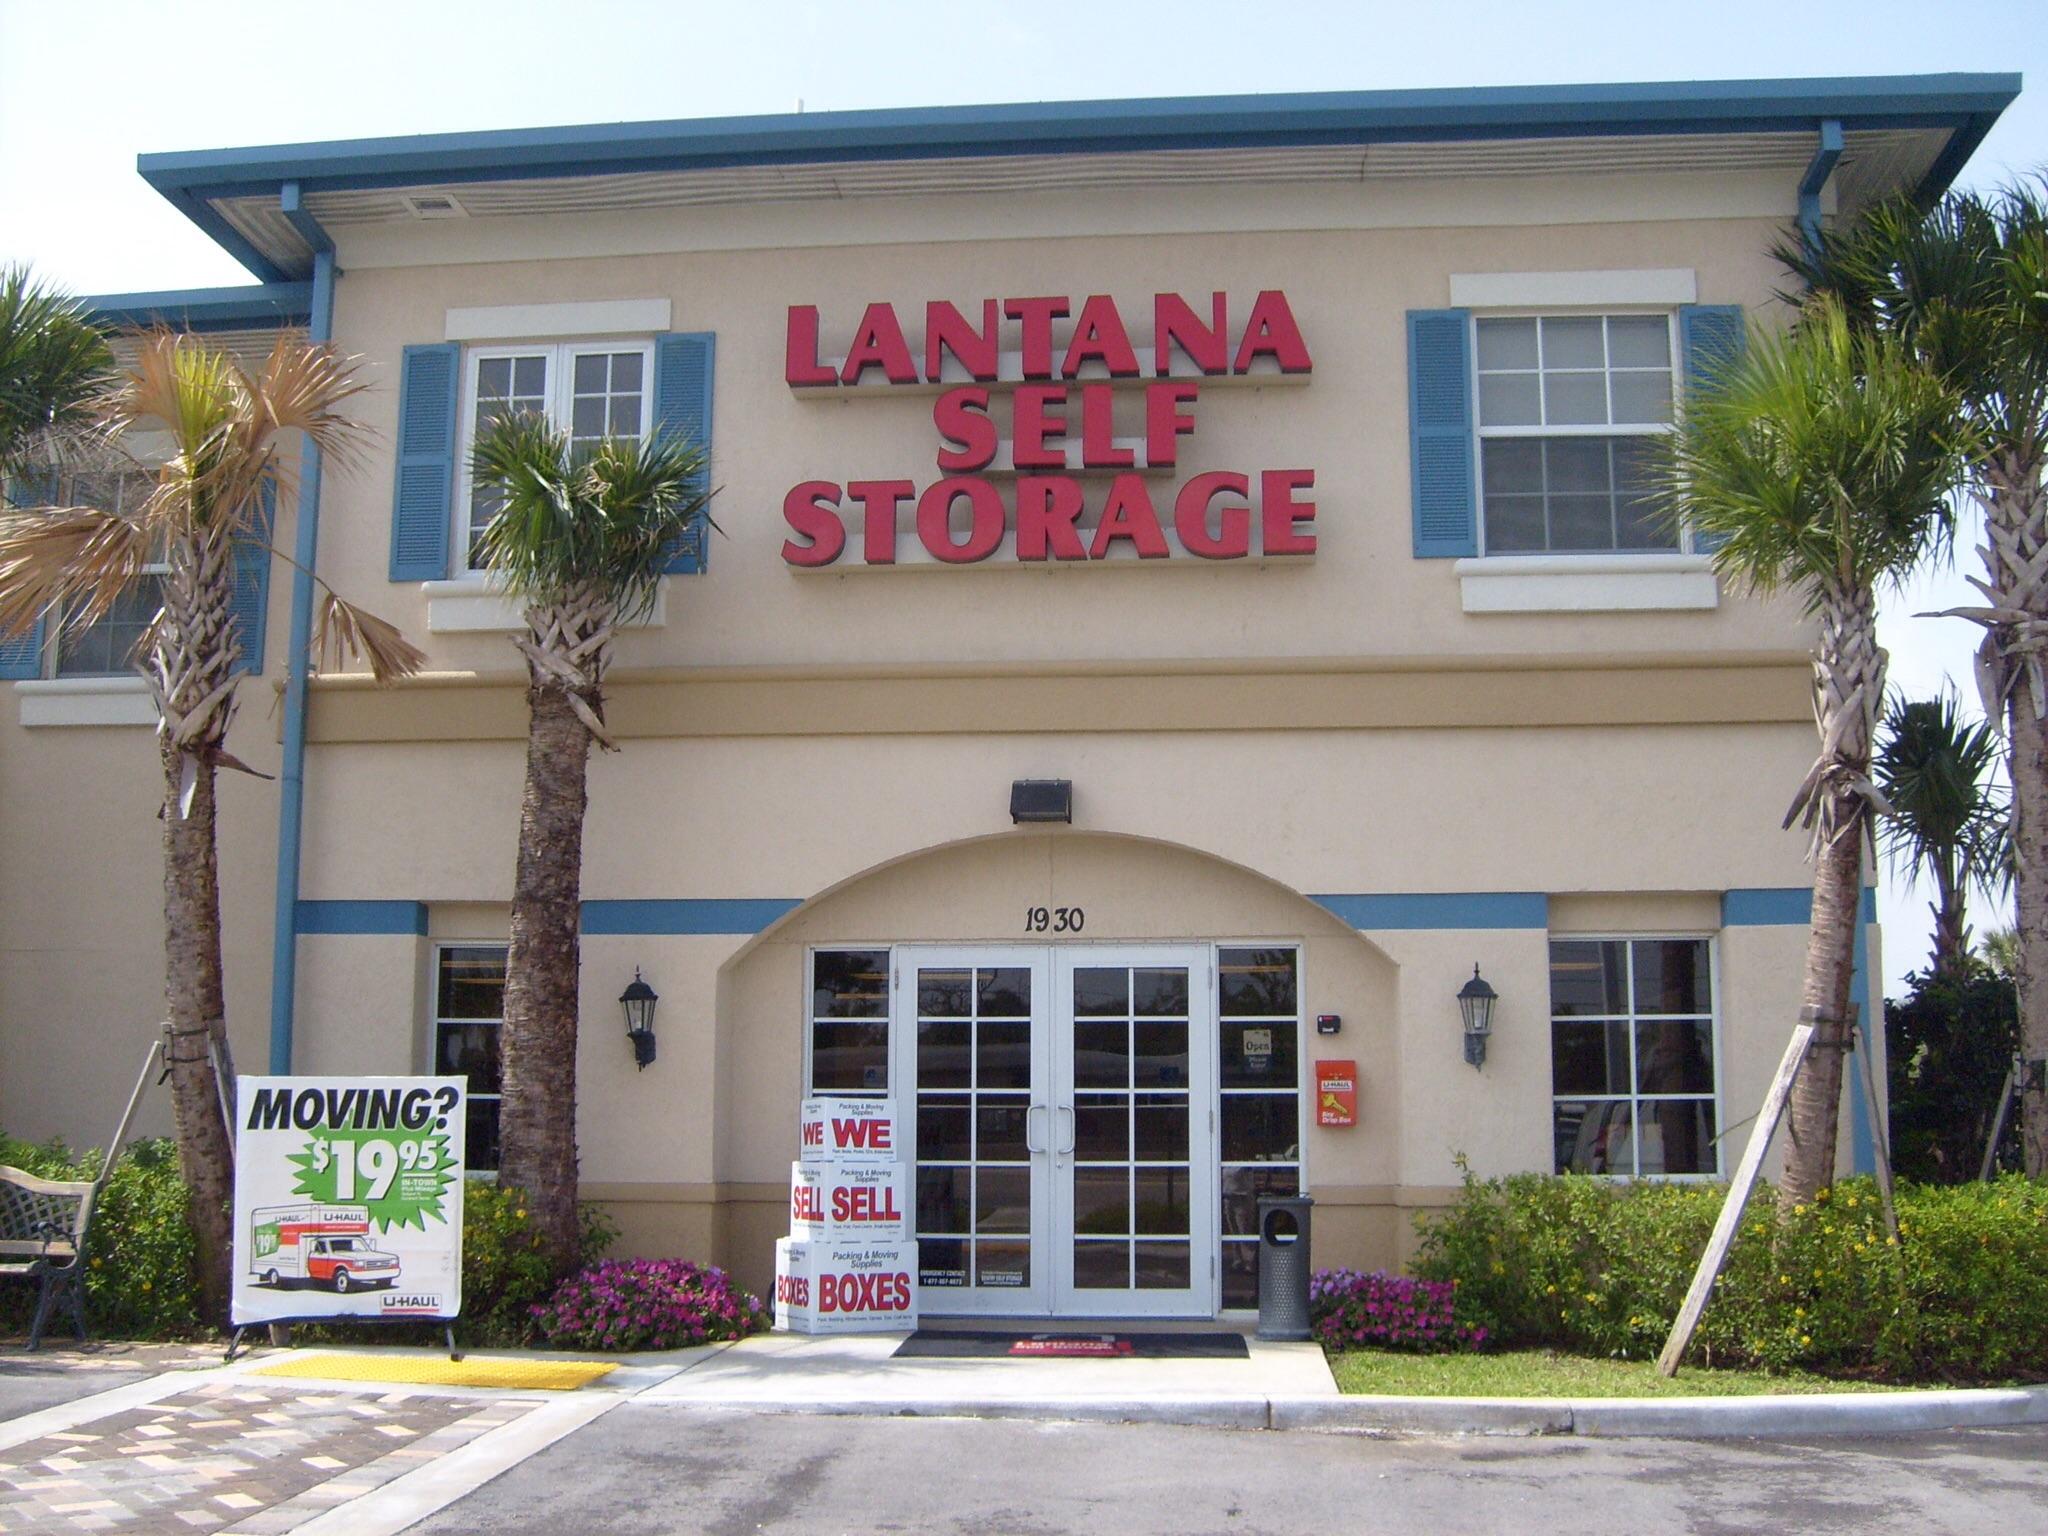 Lantana Self Storage - Lantana Informative